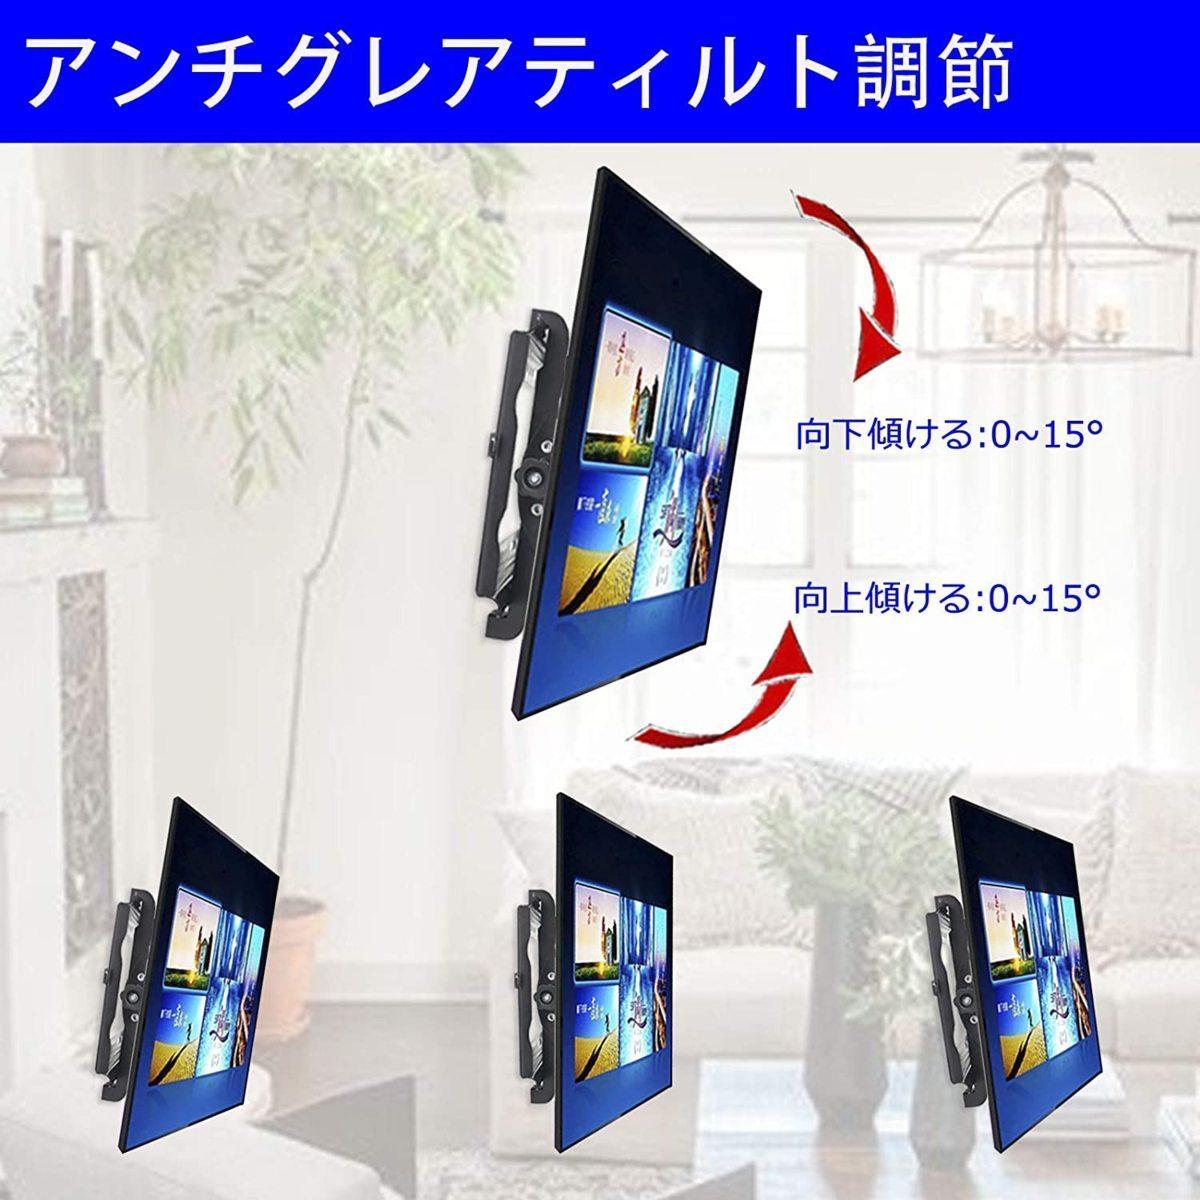 【特価品】在庫限り/テレビ 壁掛け 金具 14~42インチ LED 液晶 テレビ台 対応 左右 移動式 角度 調節 最大耐荷重25KG 壁掛けテレビ 未使用_画像8